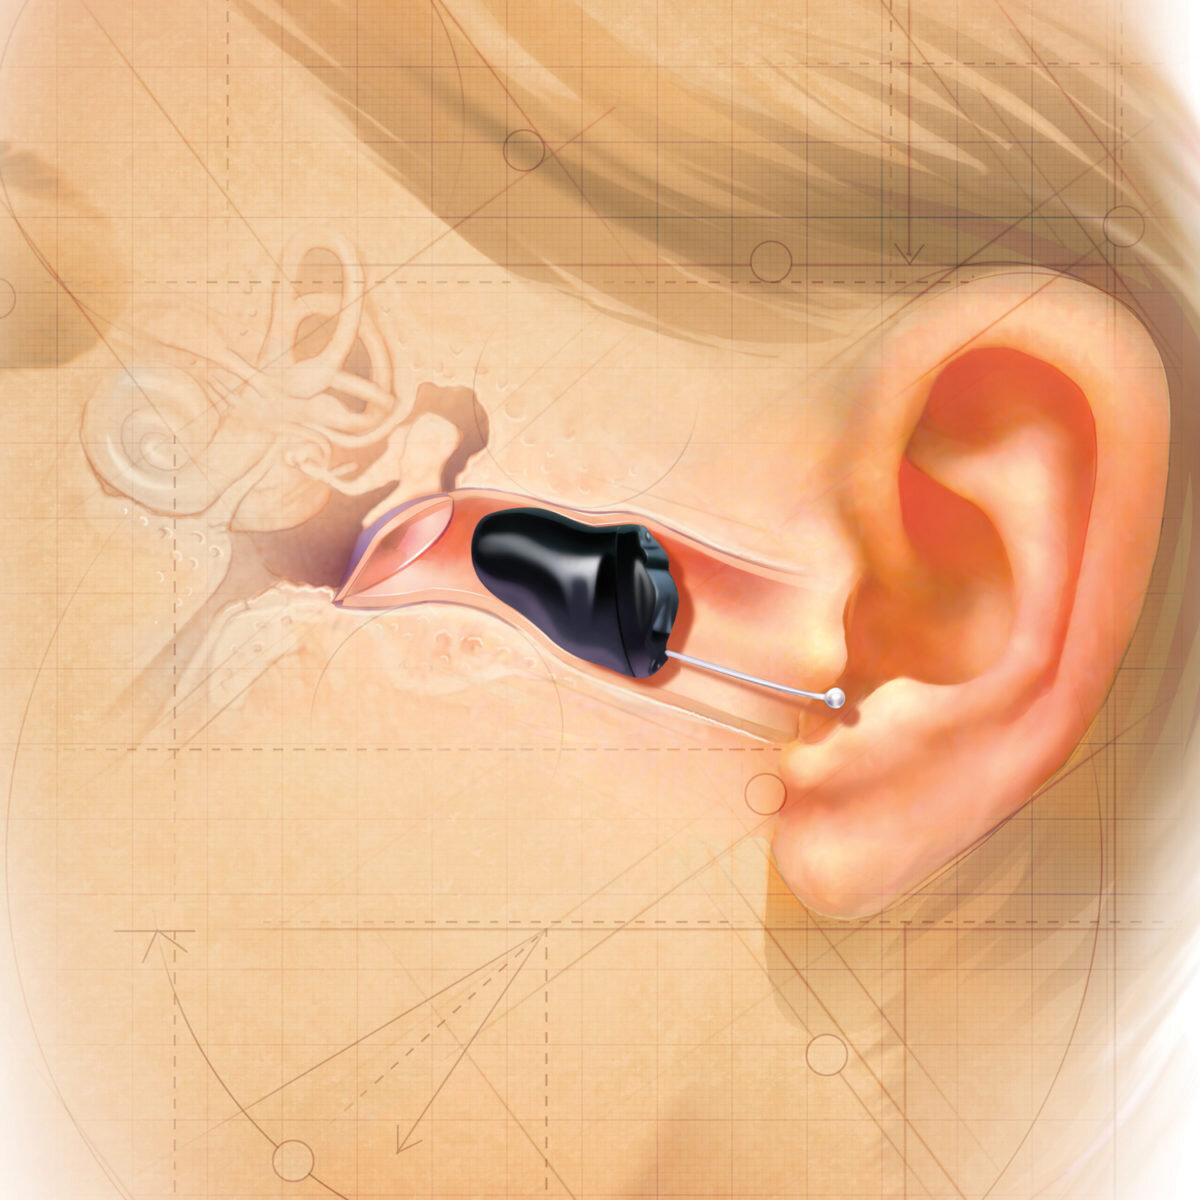 2010-IIC-CUTAWAY-EAR_WEB-1200x1200.jpg